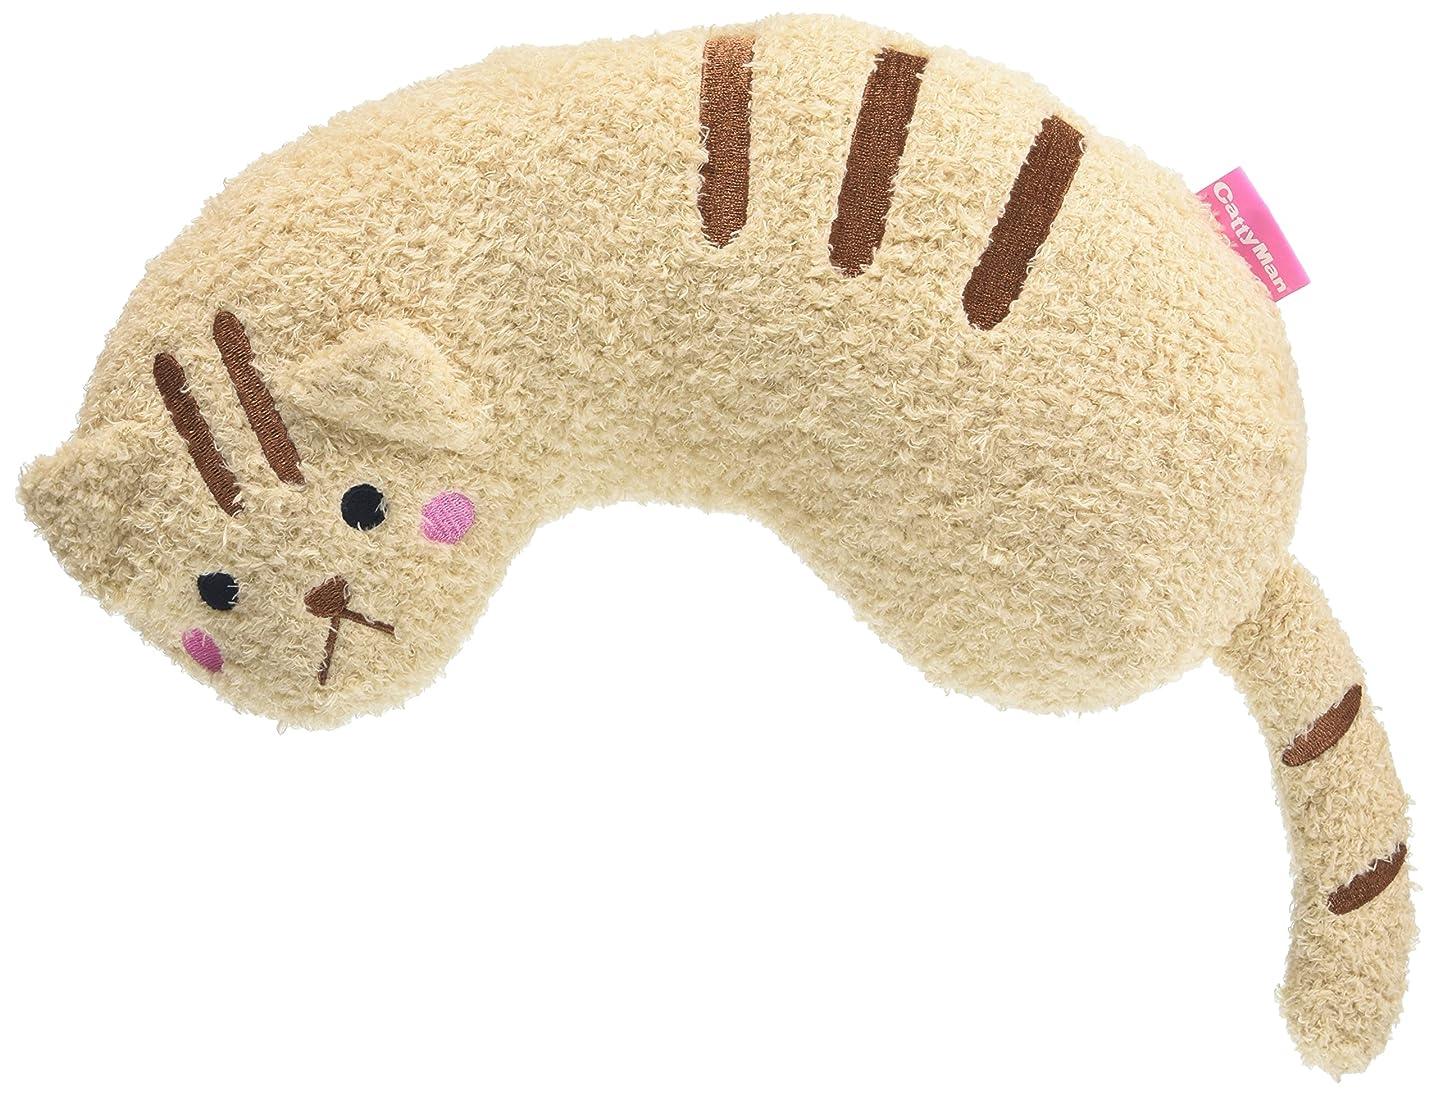 信号群れ露骨なプレミアム猫砂取りマット――【猫ちゃんが用を足した後に、足の裏に付着している猫砂を取るためのマットです。室内をキレイに保持する砂取りマット!長方形 (約)50×30×0.5cm】